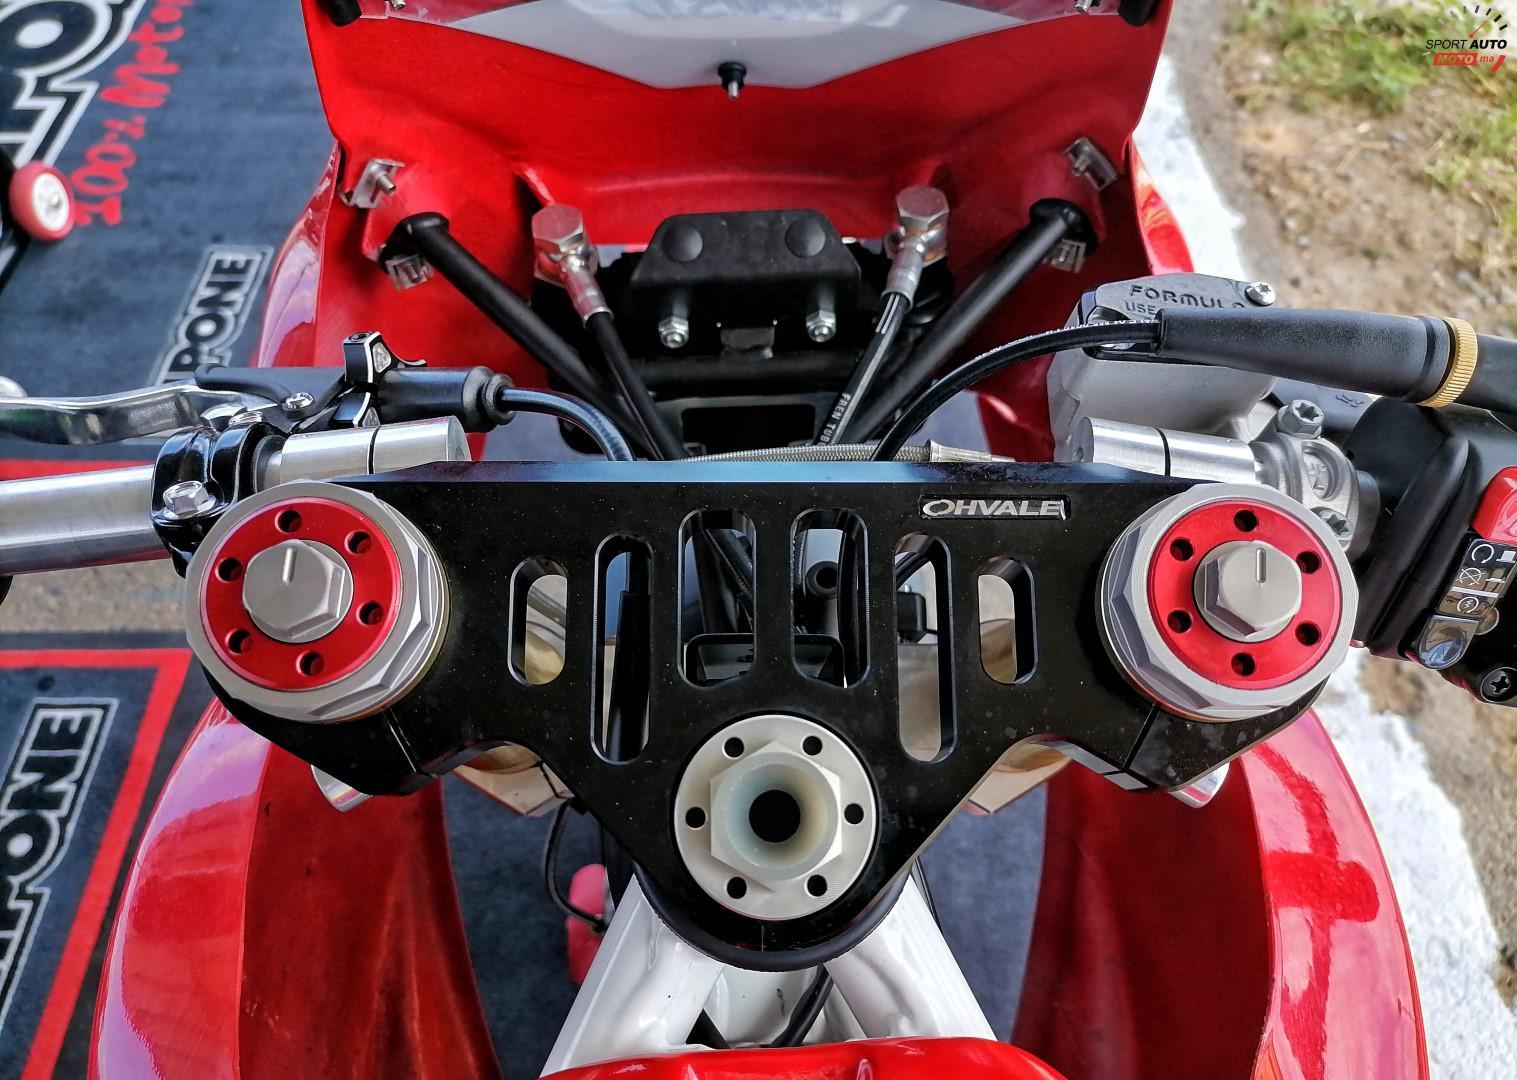 la-marque-de-moto-de-competition-ohvale-officiellement-au-maroc-1316-4.jpg